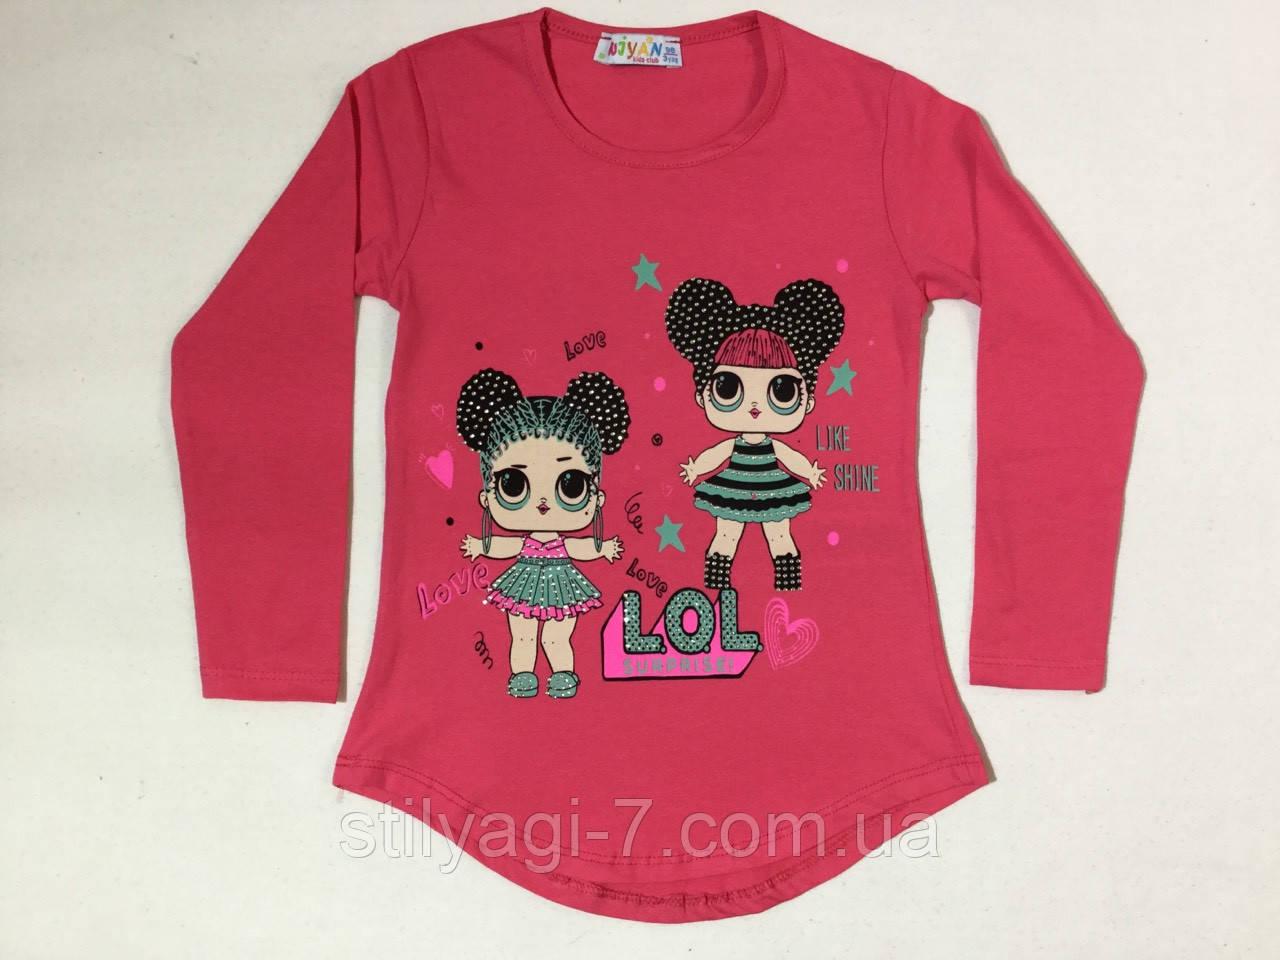 Батник для девочки на 3-6 лет серого, малинового, бирюзового, молоко, персикового цвета лол оптом